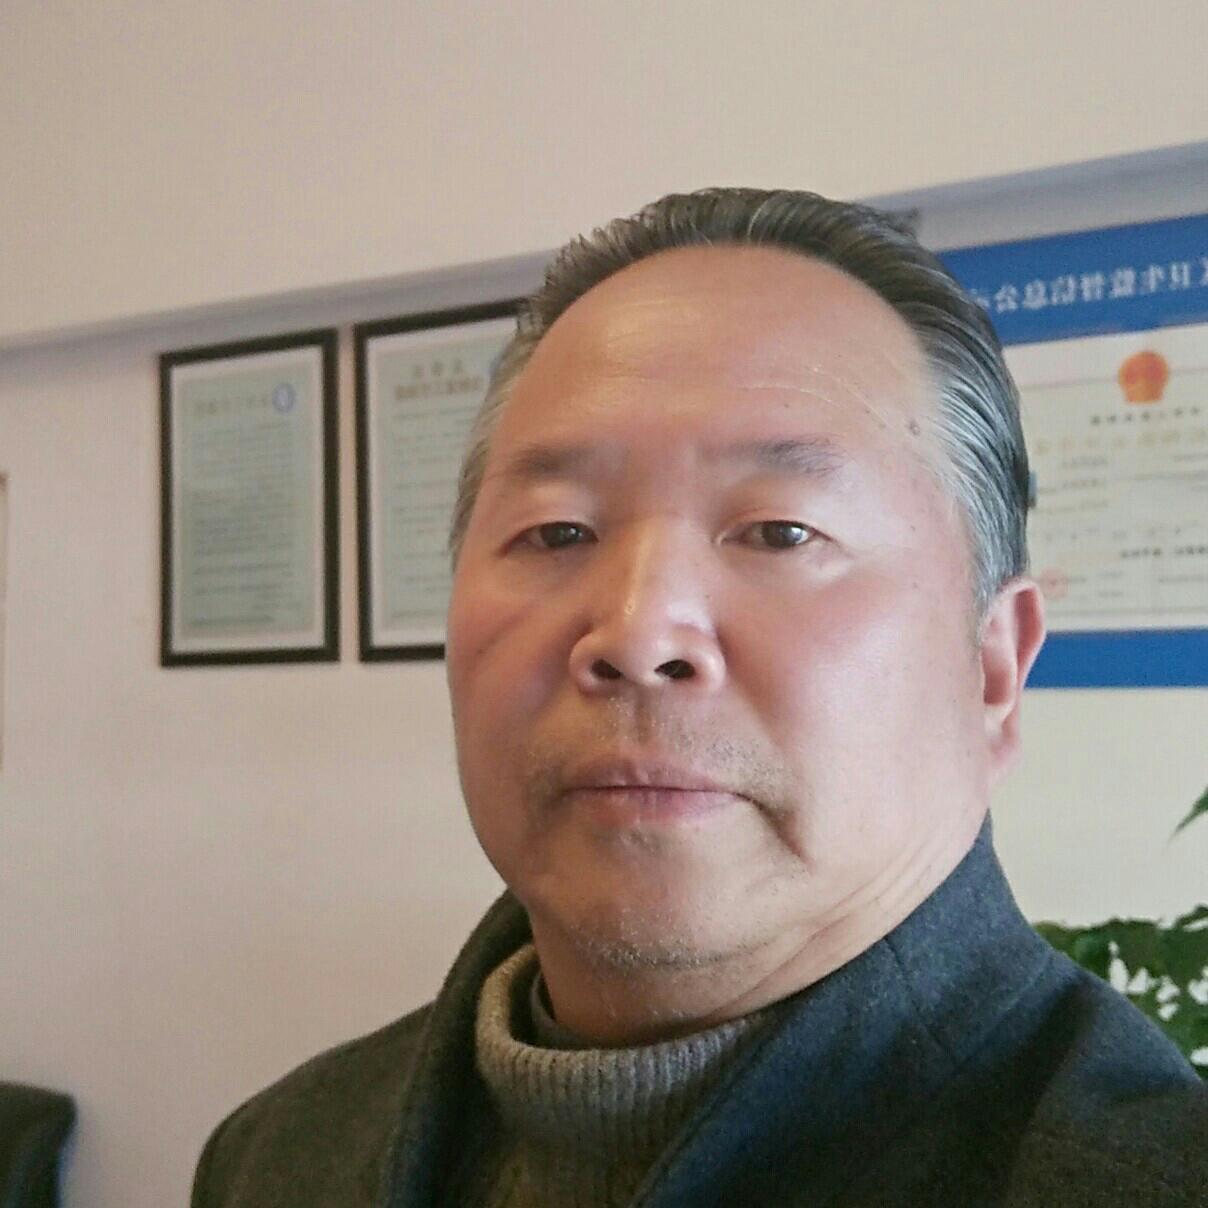 五华徐氏中医诊所业务主管徐华刚照片